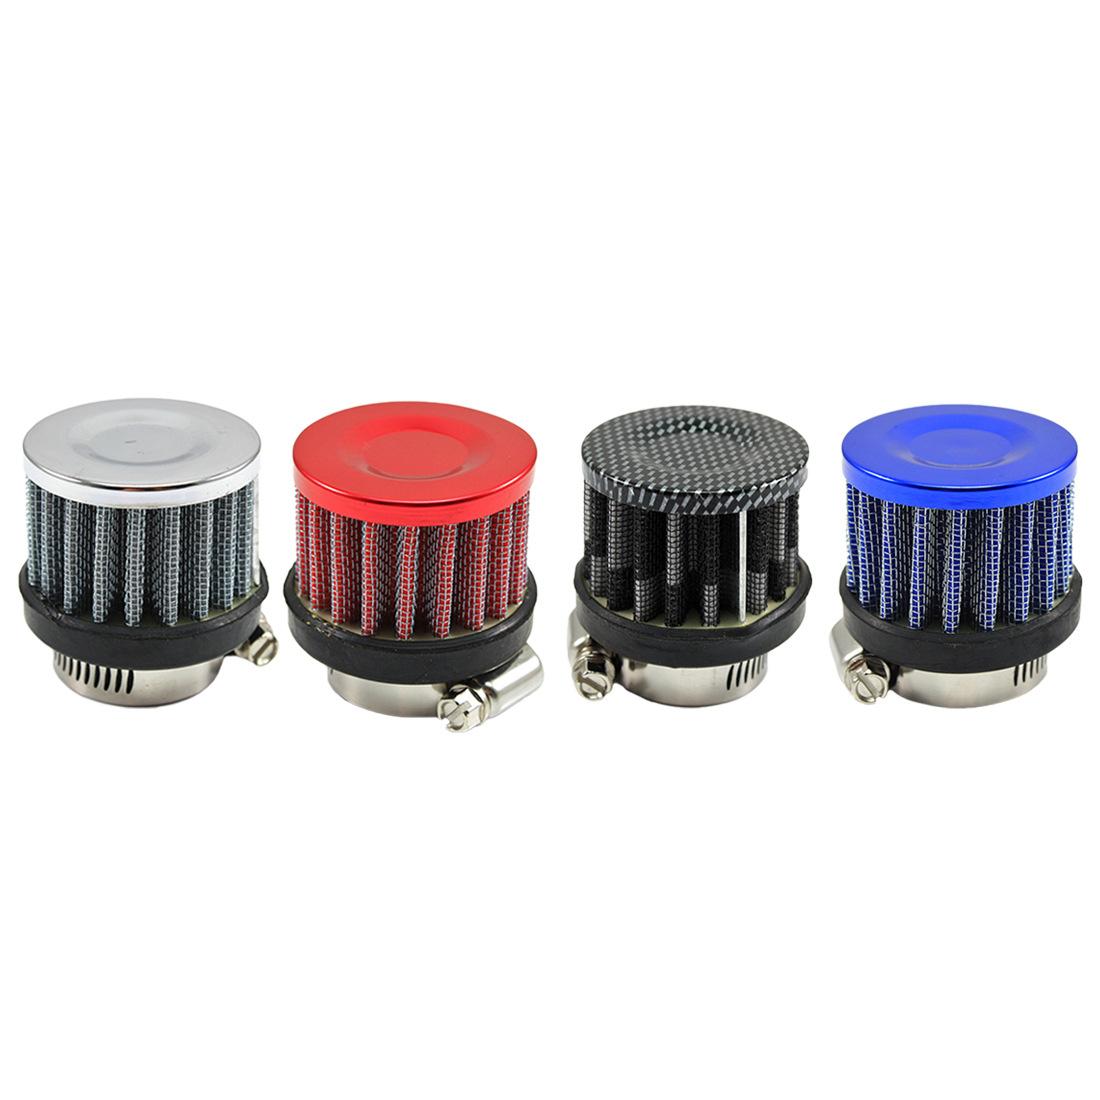 现货热销25mm小冬菇头空气滤清器改装小空滤二次进气汽车过滤器